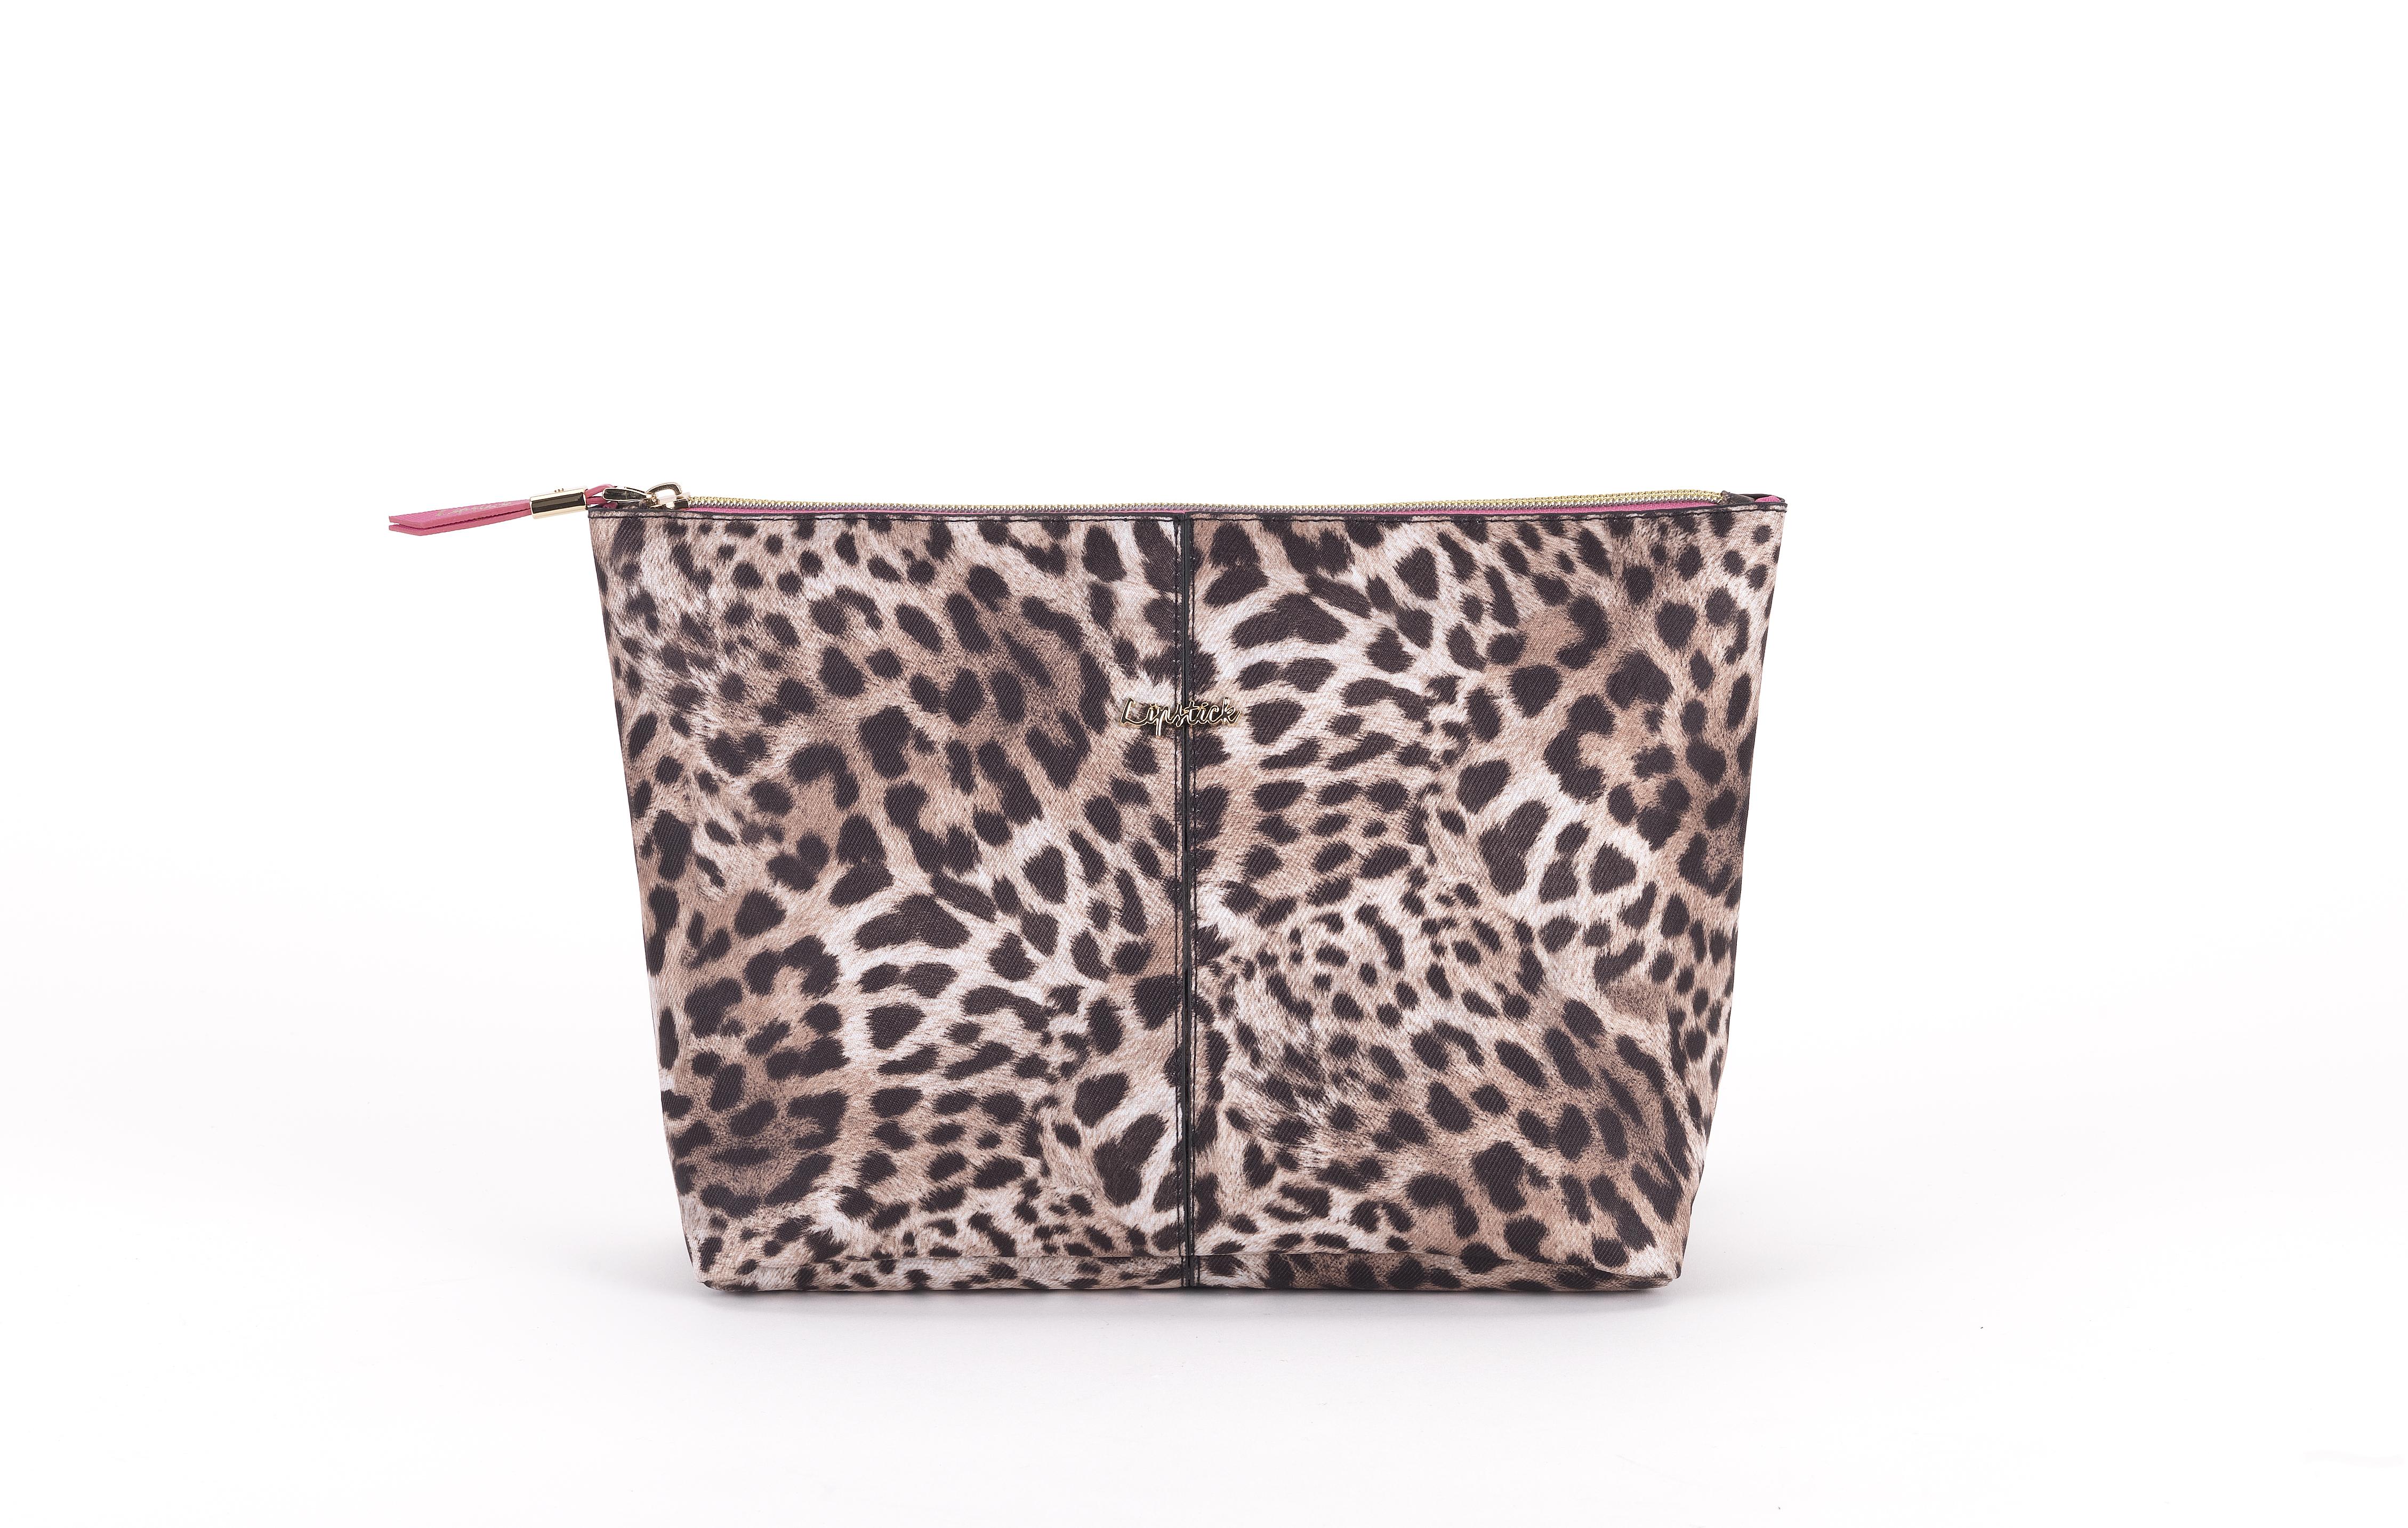 Купить JJDK Косметичка Kiobi большая нейлон, леопард